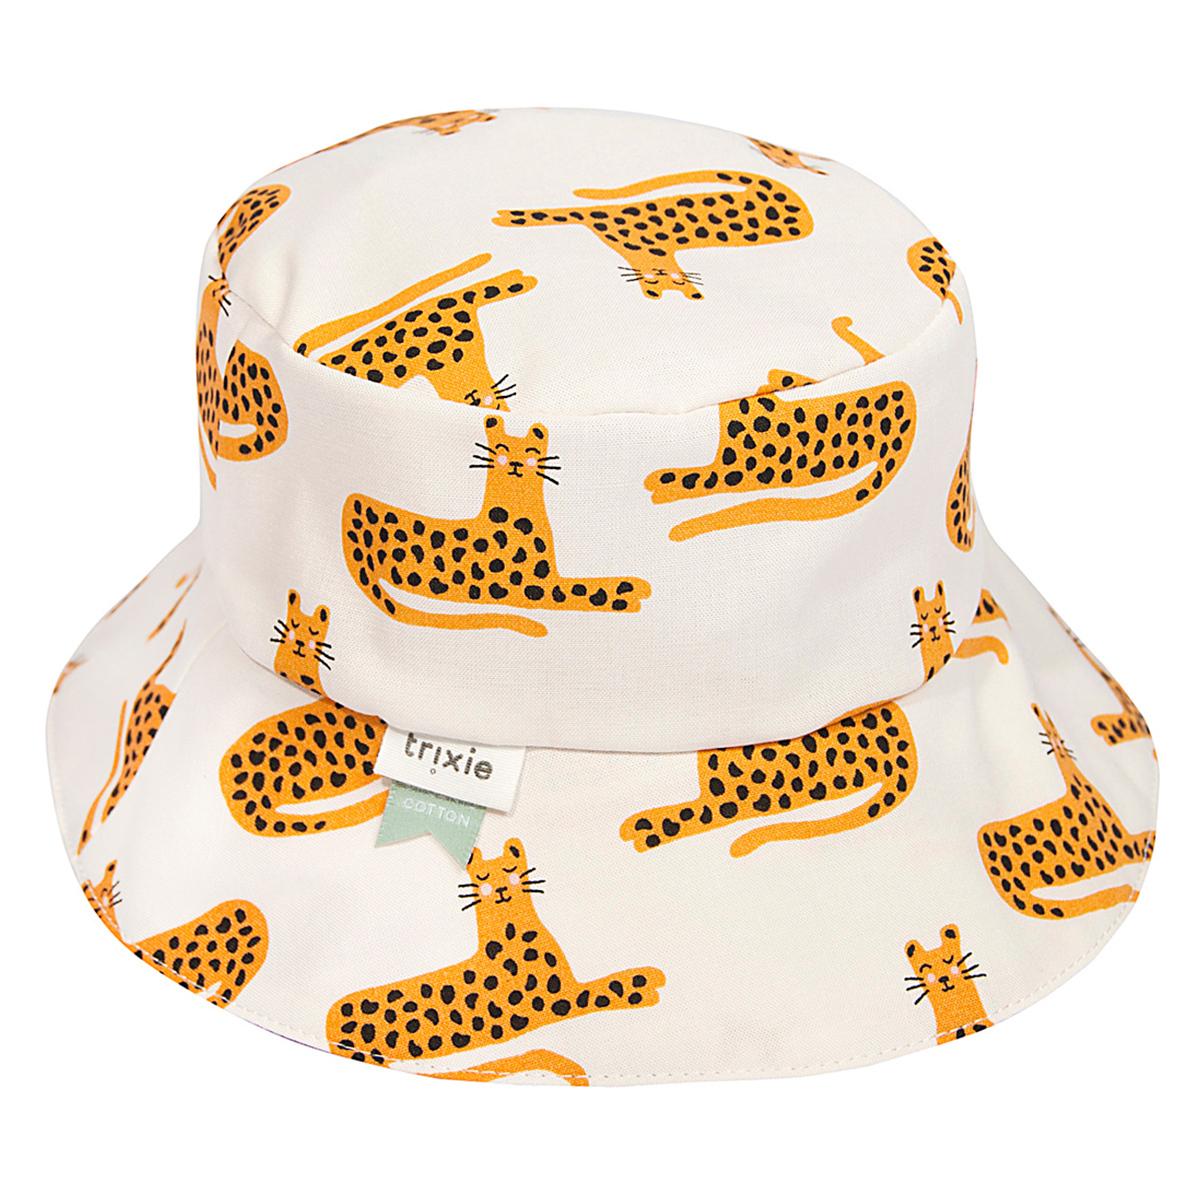 Accessoires bébé Chapeau de Soleil Cheetah - 2 Ans Chapeau de Soleil Cheetah - 2 Ans